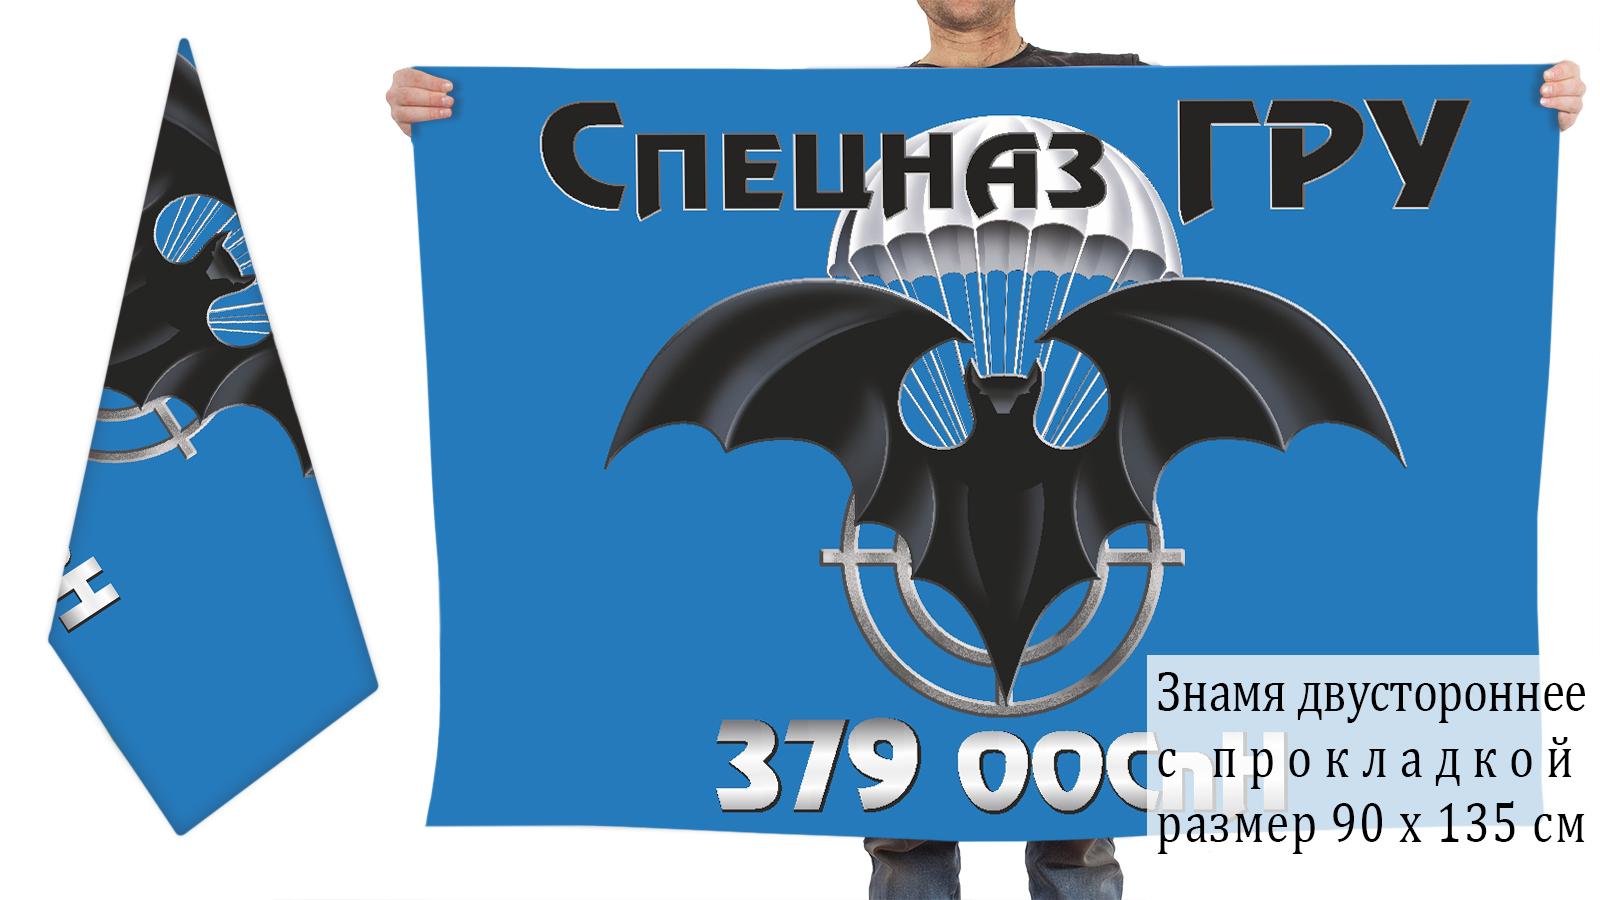 Двусторонний флаг 379 ООСпН военной разведки